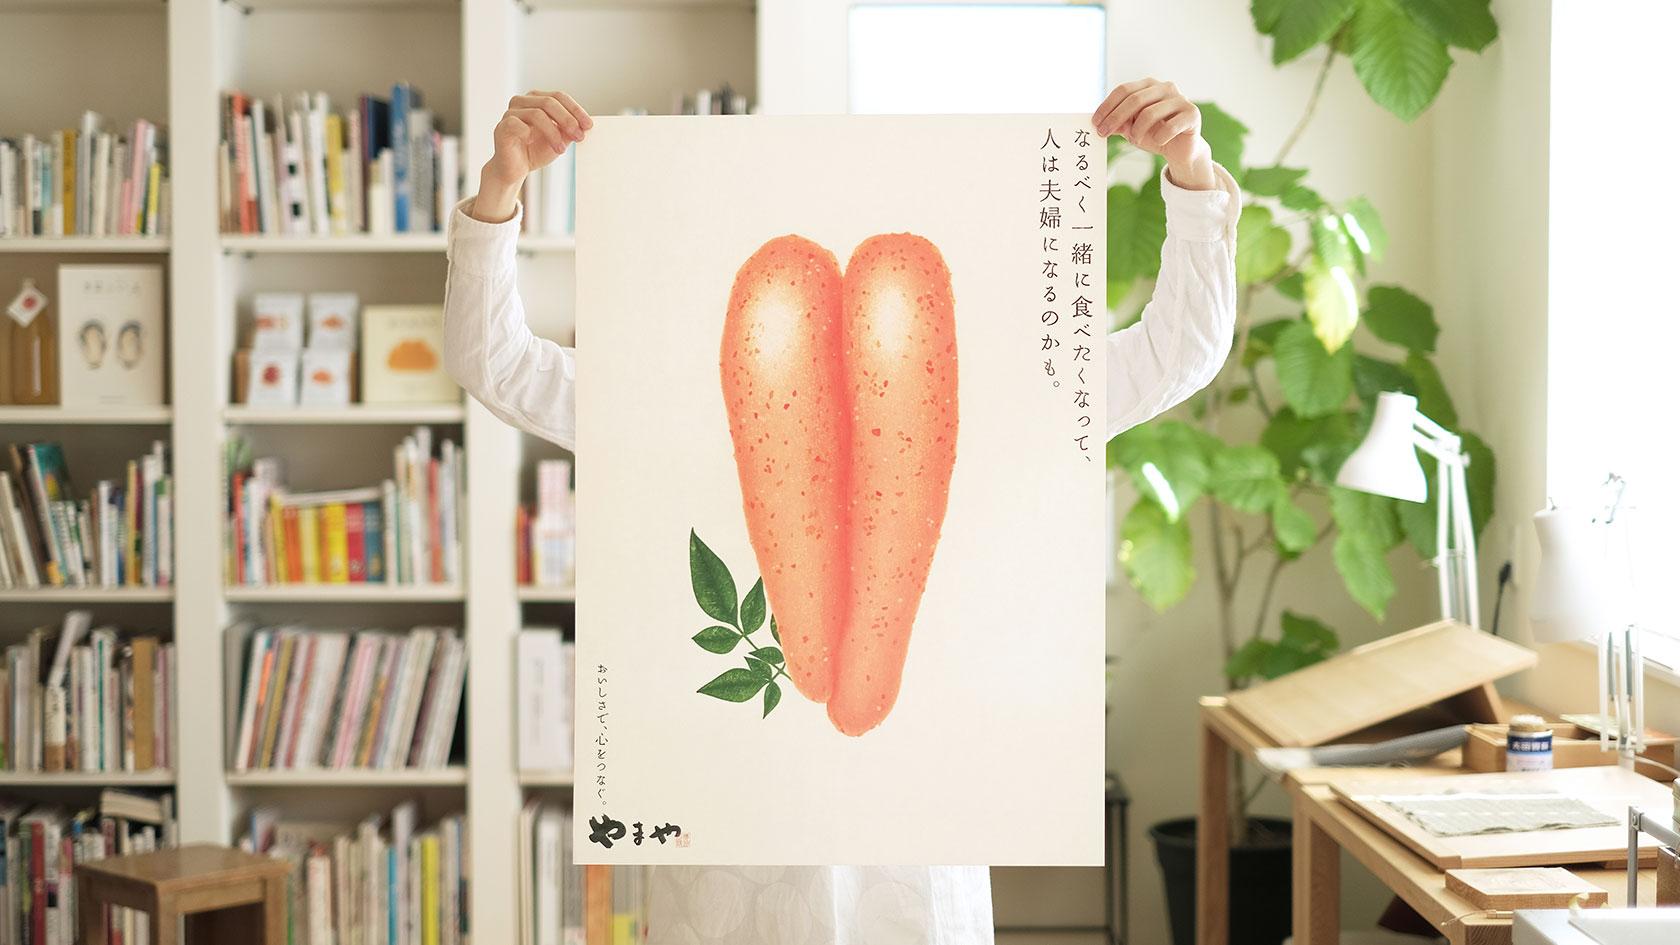 やまや店内ポスター2017